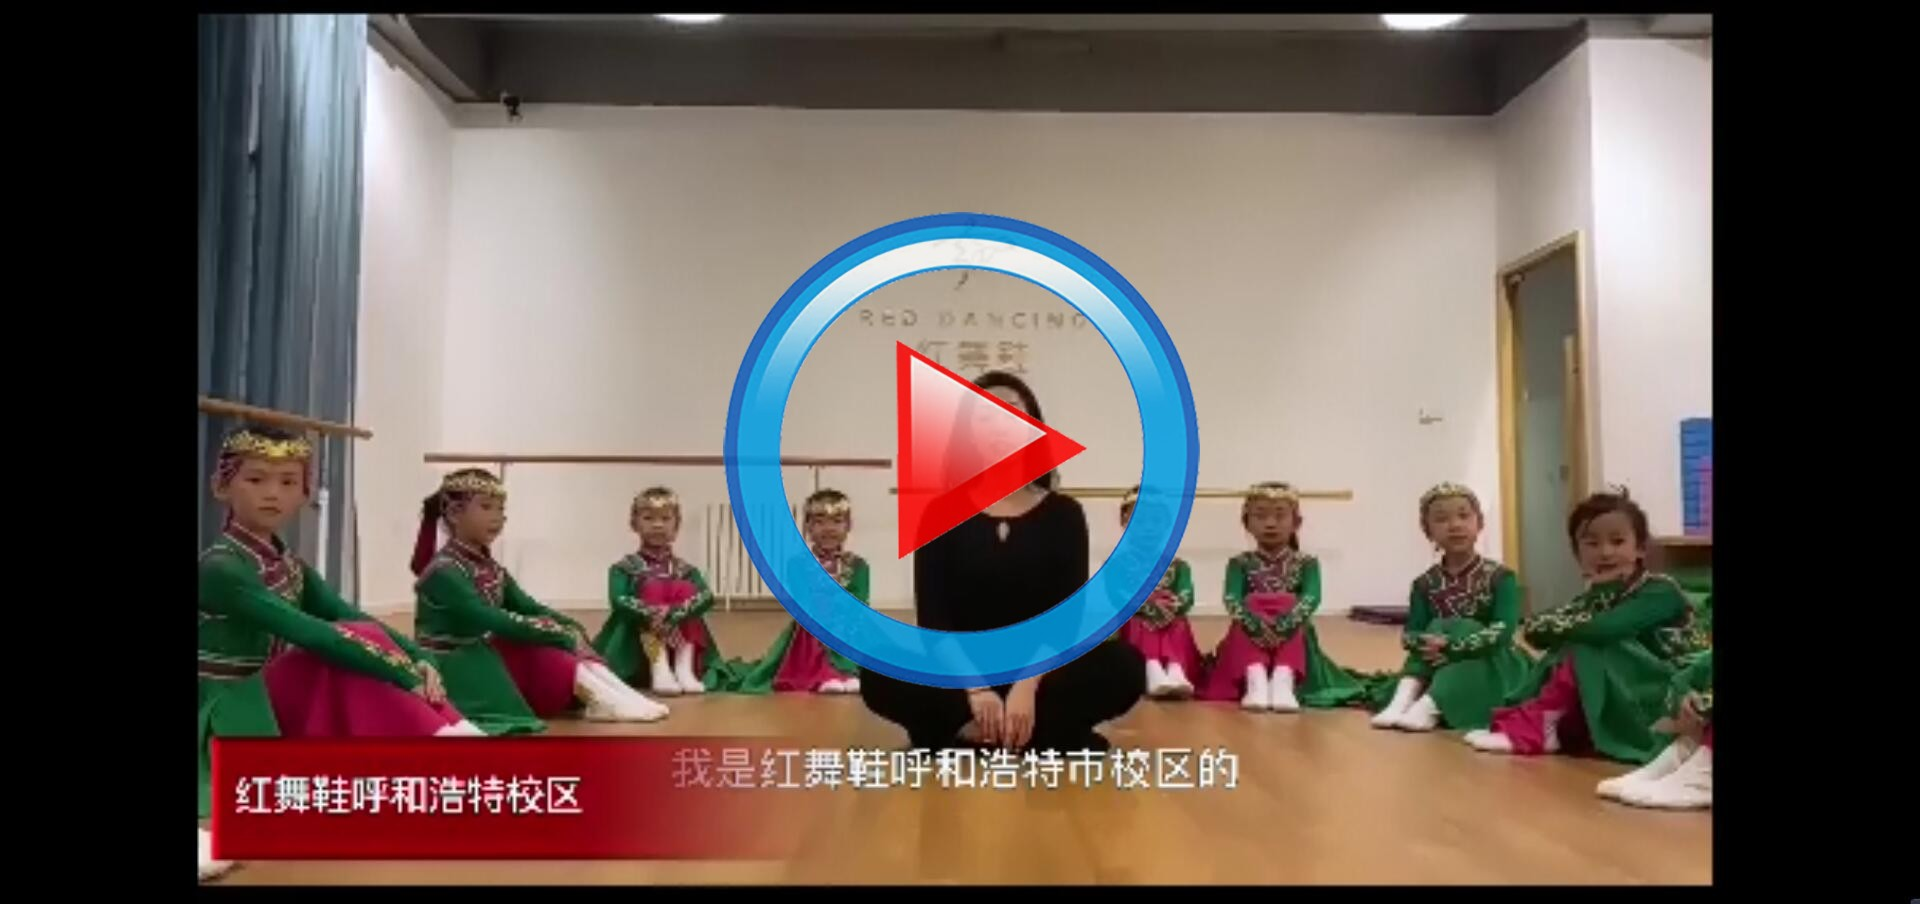 红舞鞋舞蹈学校